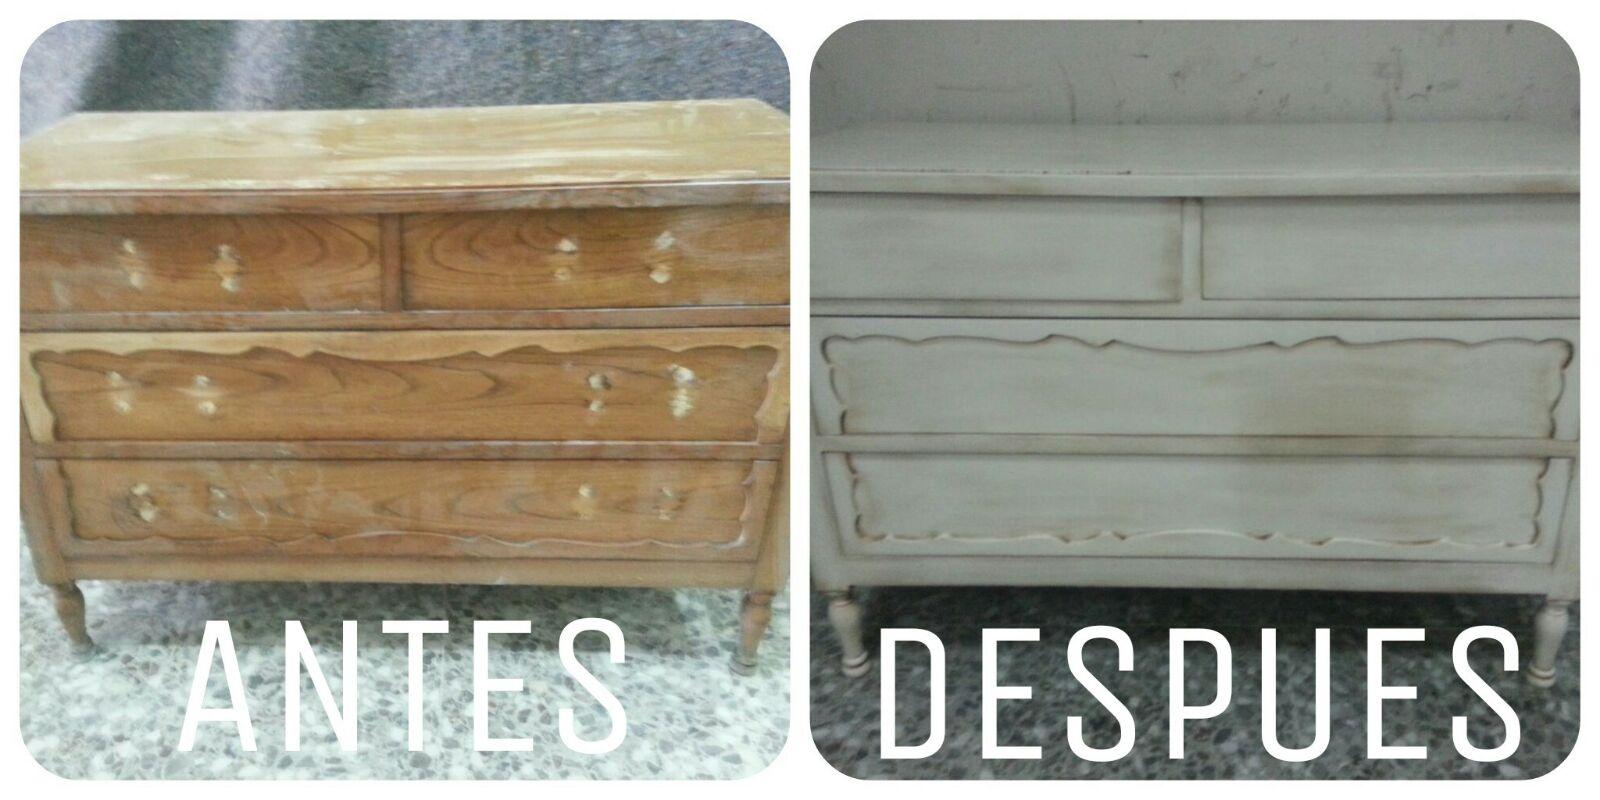 Muebles Antiguos Restaurados Antes Y Despues Cheap Latest Y  # Muebles Reformados Antes Y Despues